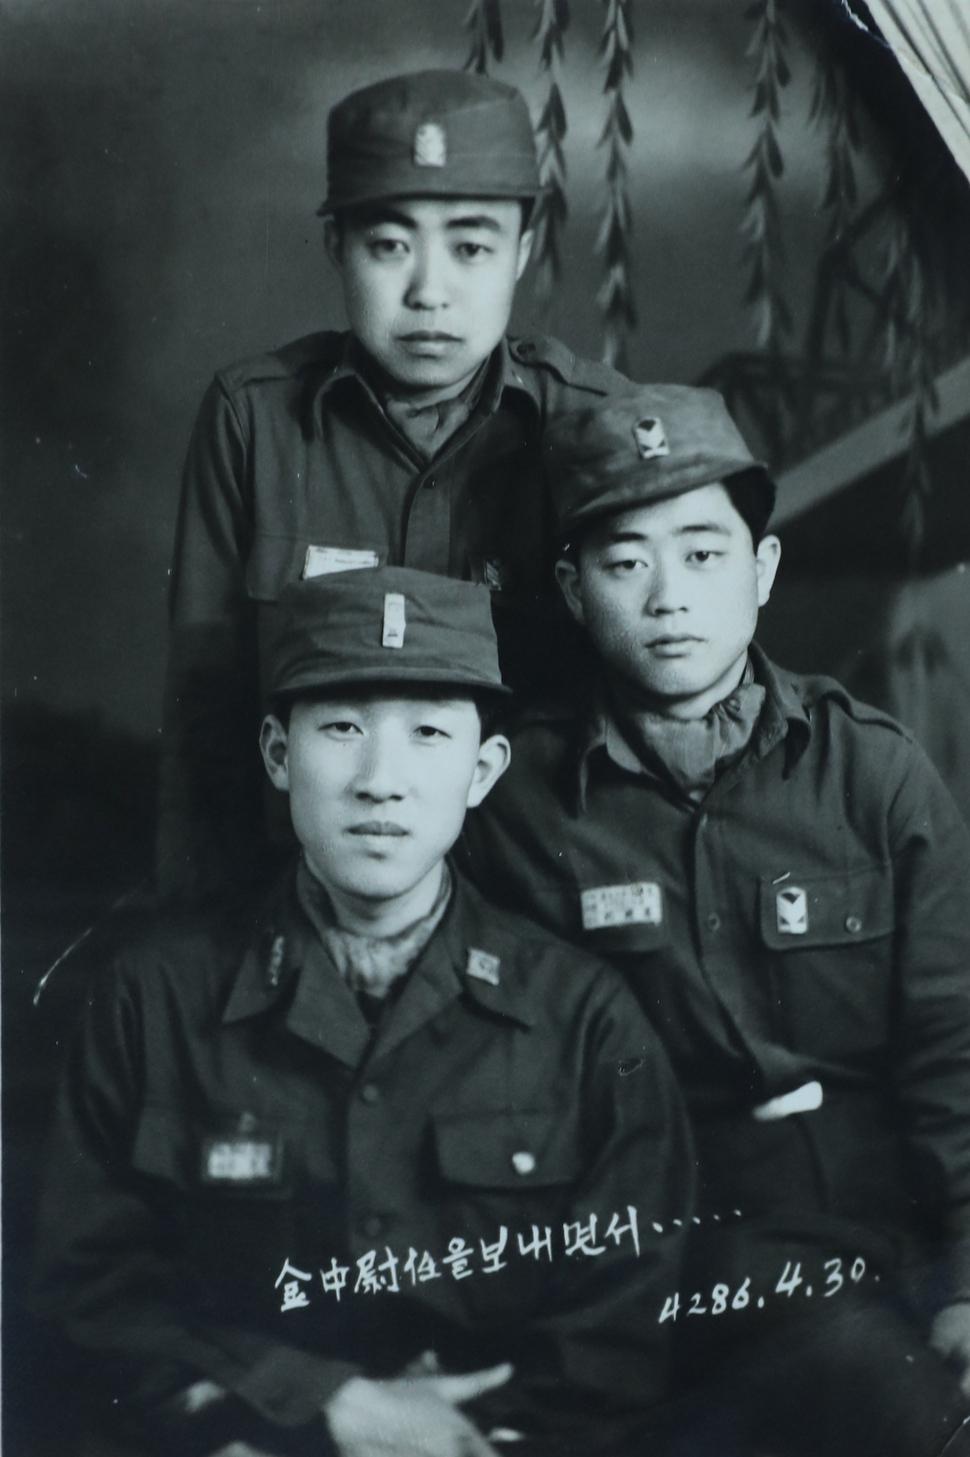 김영관 한국광복군동지회 명예회장(아래 왼쪽)은 6·25 때 자진해 또다시 군에 입대해서 공병 장교로 근무했다. 1953년 군 동료들과 함께한 모습. 김영관 제공